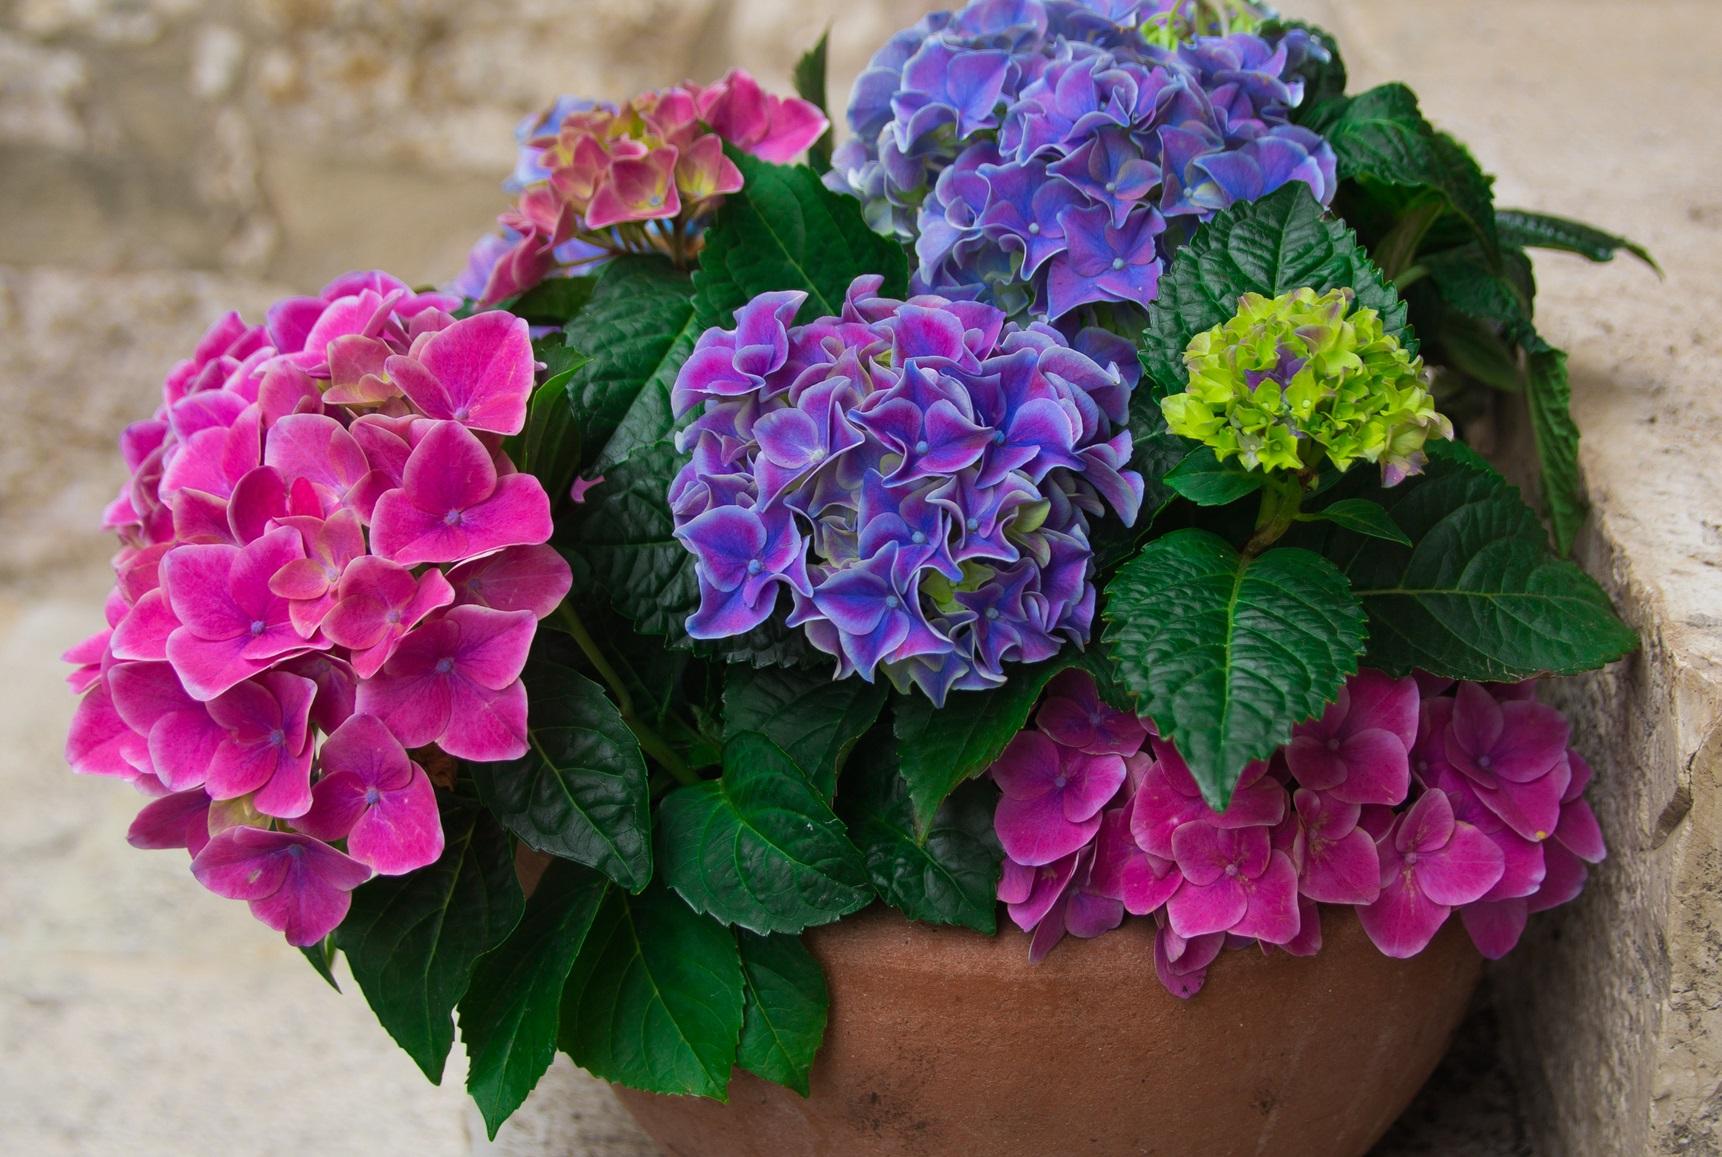 アジサイのお花に見える部分。じつはガクと呼ばれる部分なんです。ガクの真ん中ある点のようなものがお花。タマアジサイやセイヨウアジサイなどはかき分けた中にひっそりと小さなお花が隠れています。